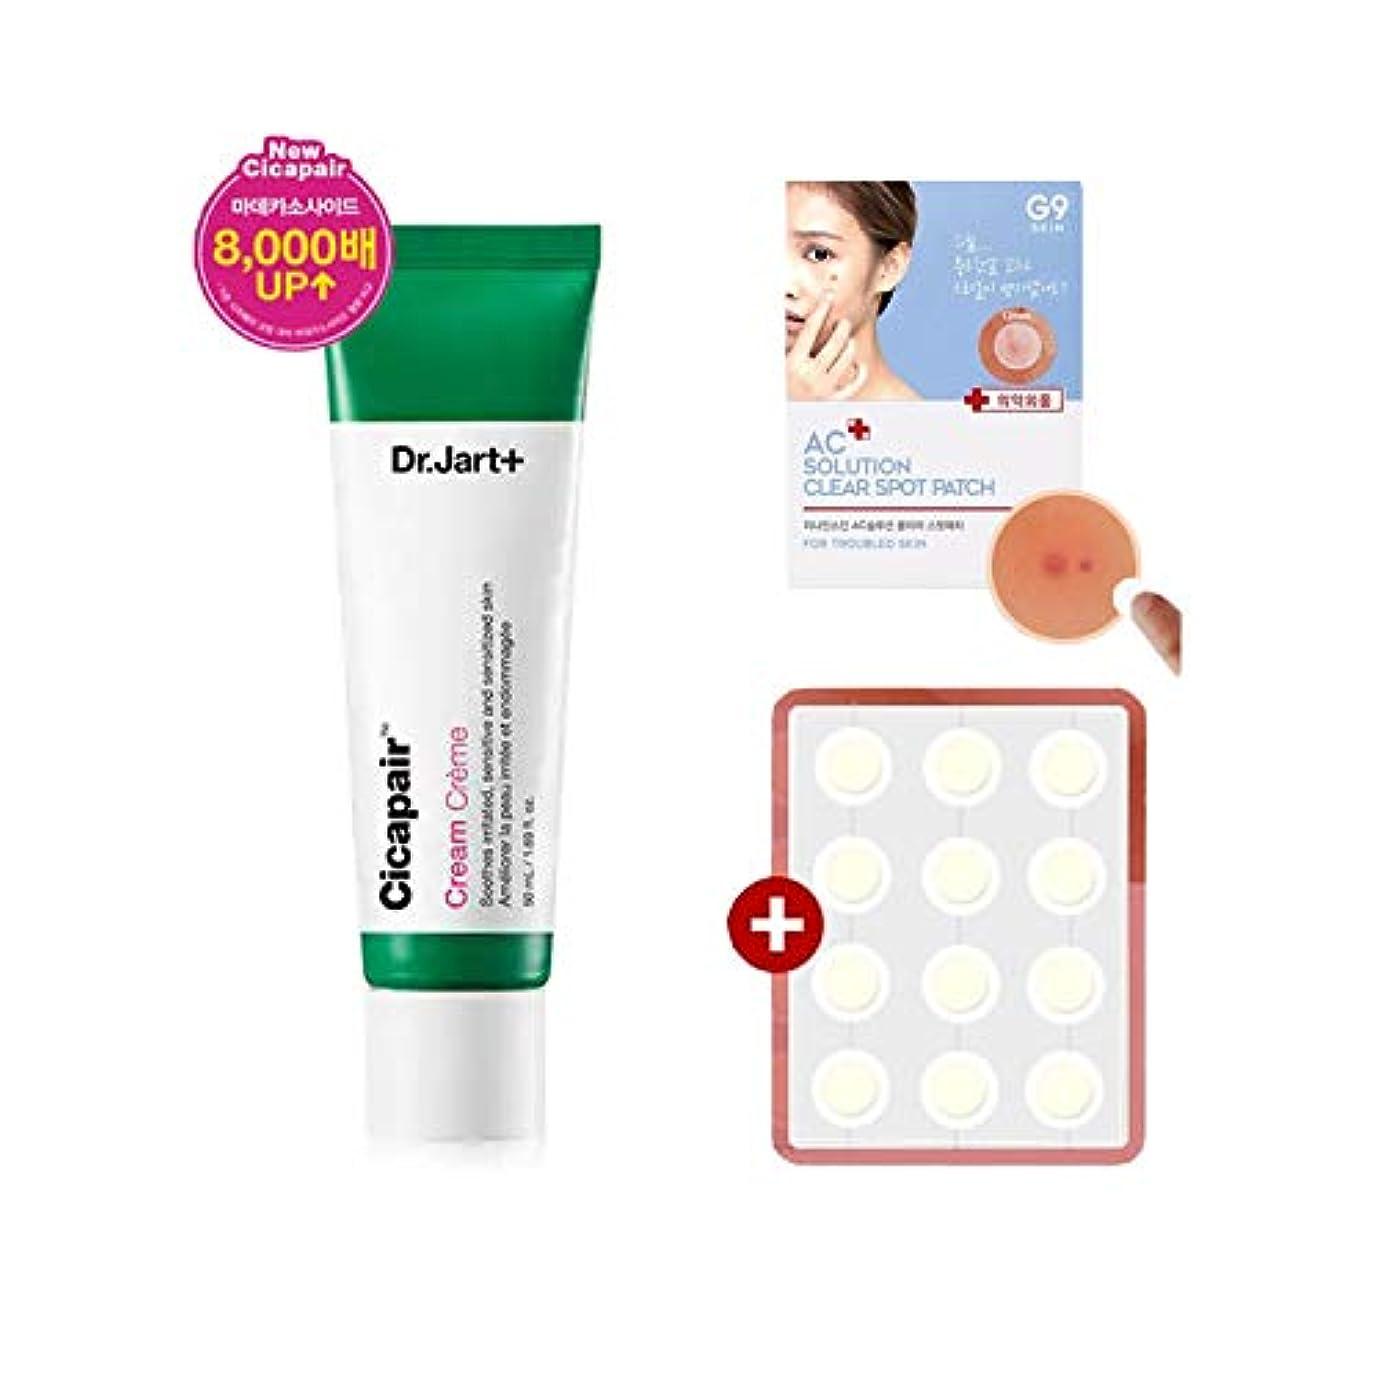 バージンコンテストサミット[リニューアル] Dr.Jart Cicapair Cream クリーム50ml(2代目)+ G9SKIN ACソリューションクリアパッチ 12枚 [並行輸入品]